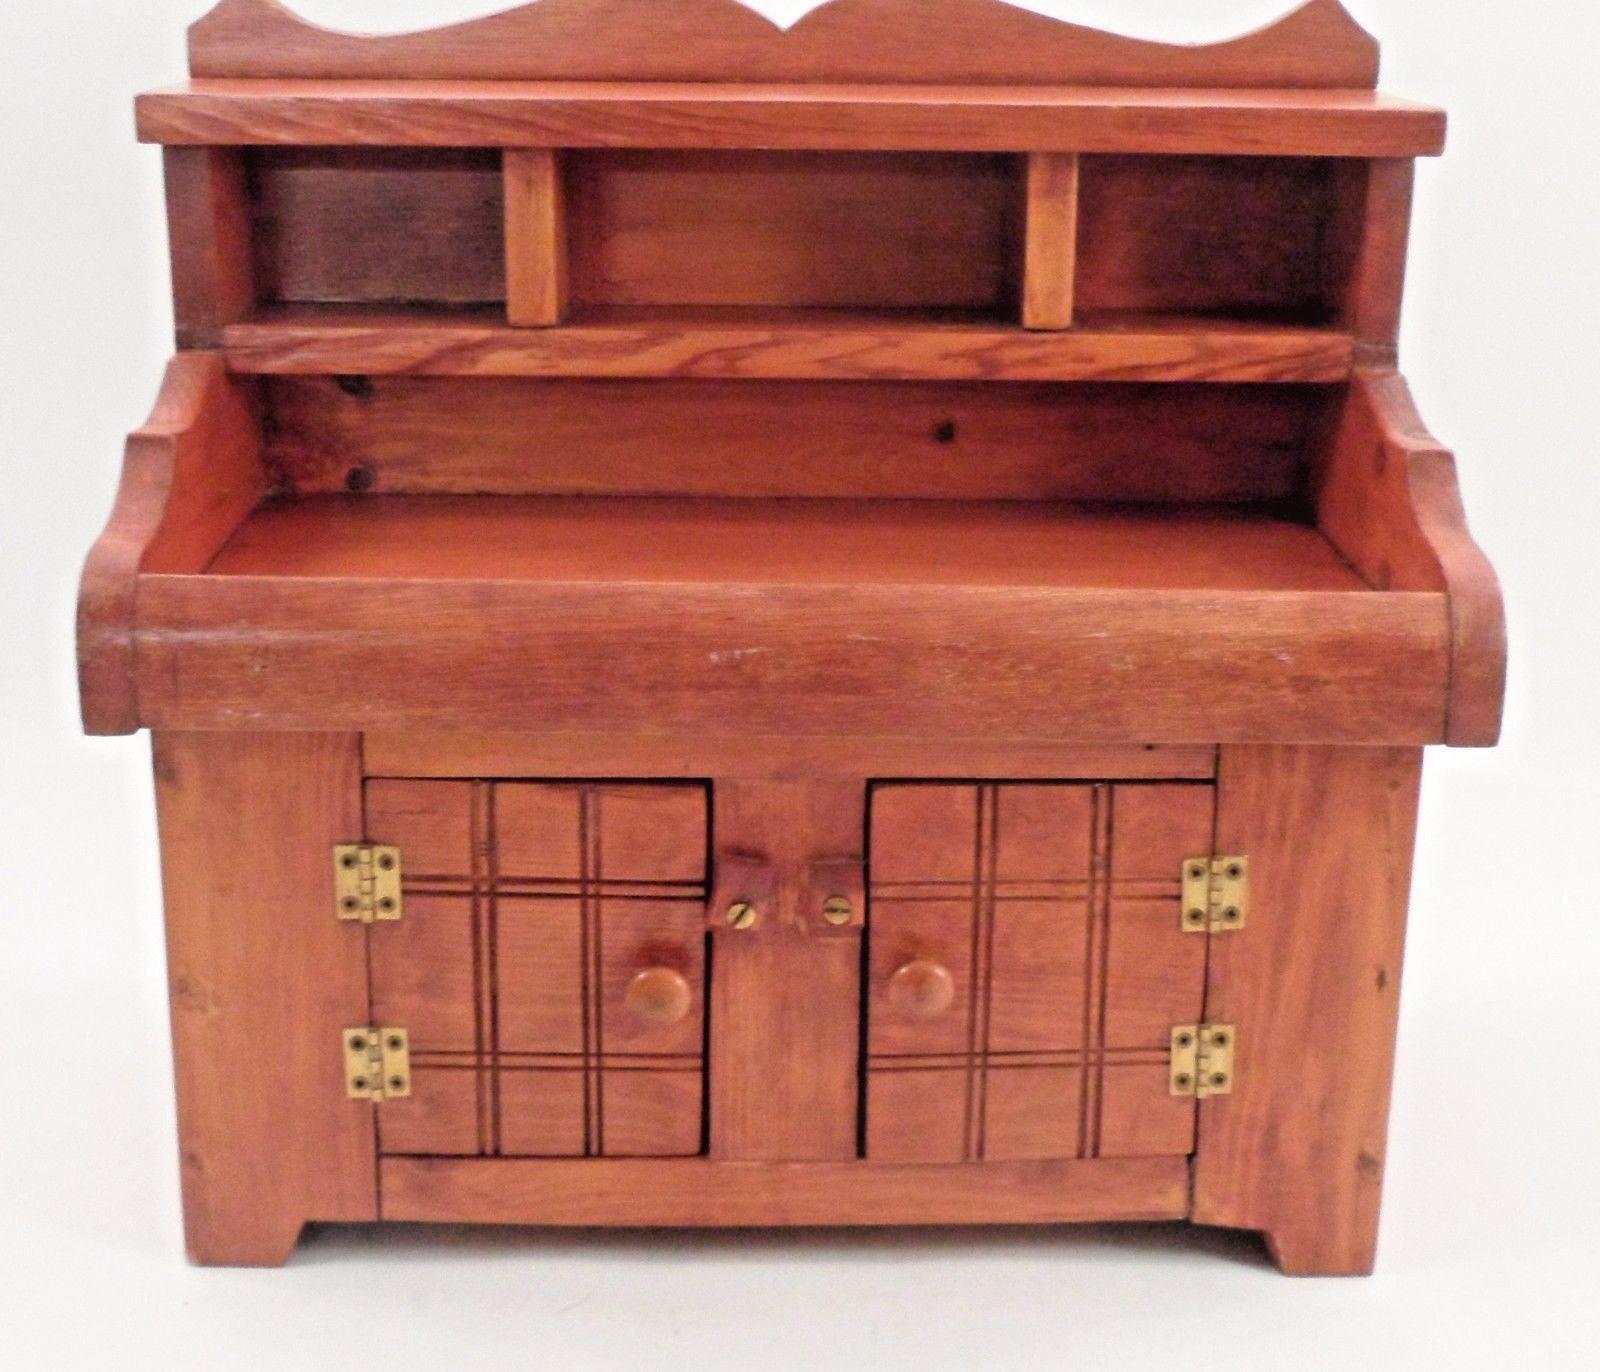 Sorprendente Vendedor Muestra Pequeña Muñeca Juguete Antiguo Mueble Aparador armario con fregadero seco